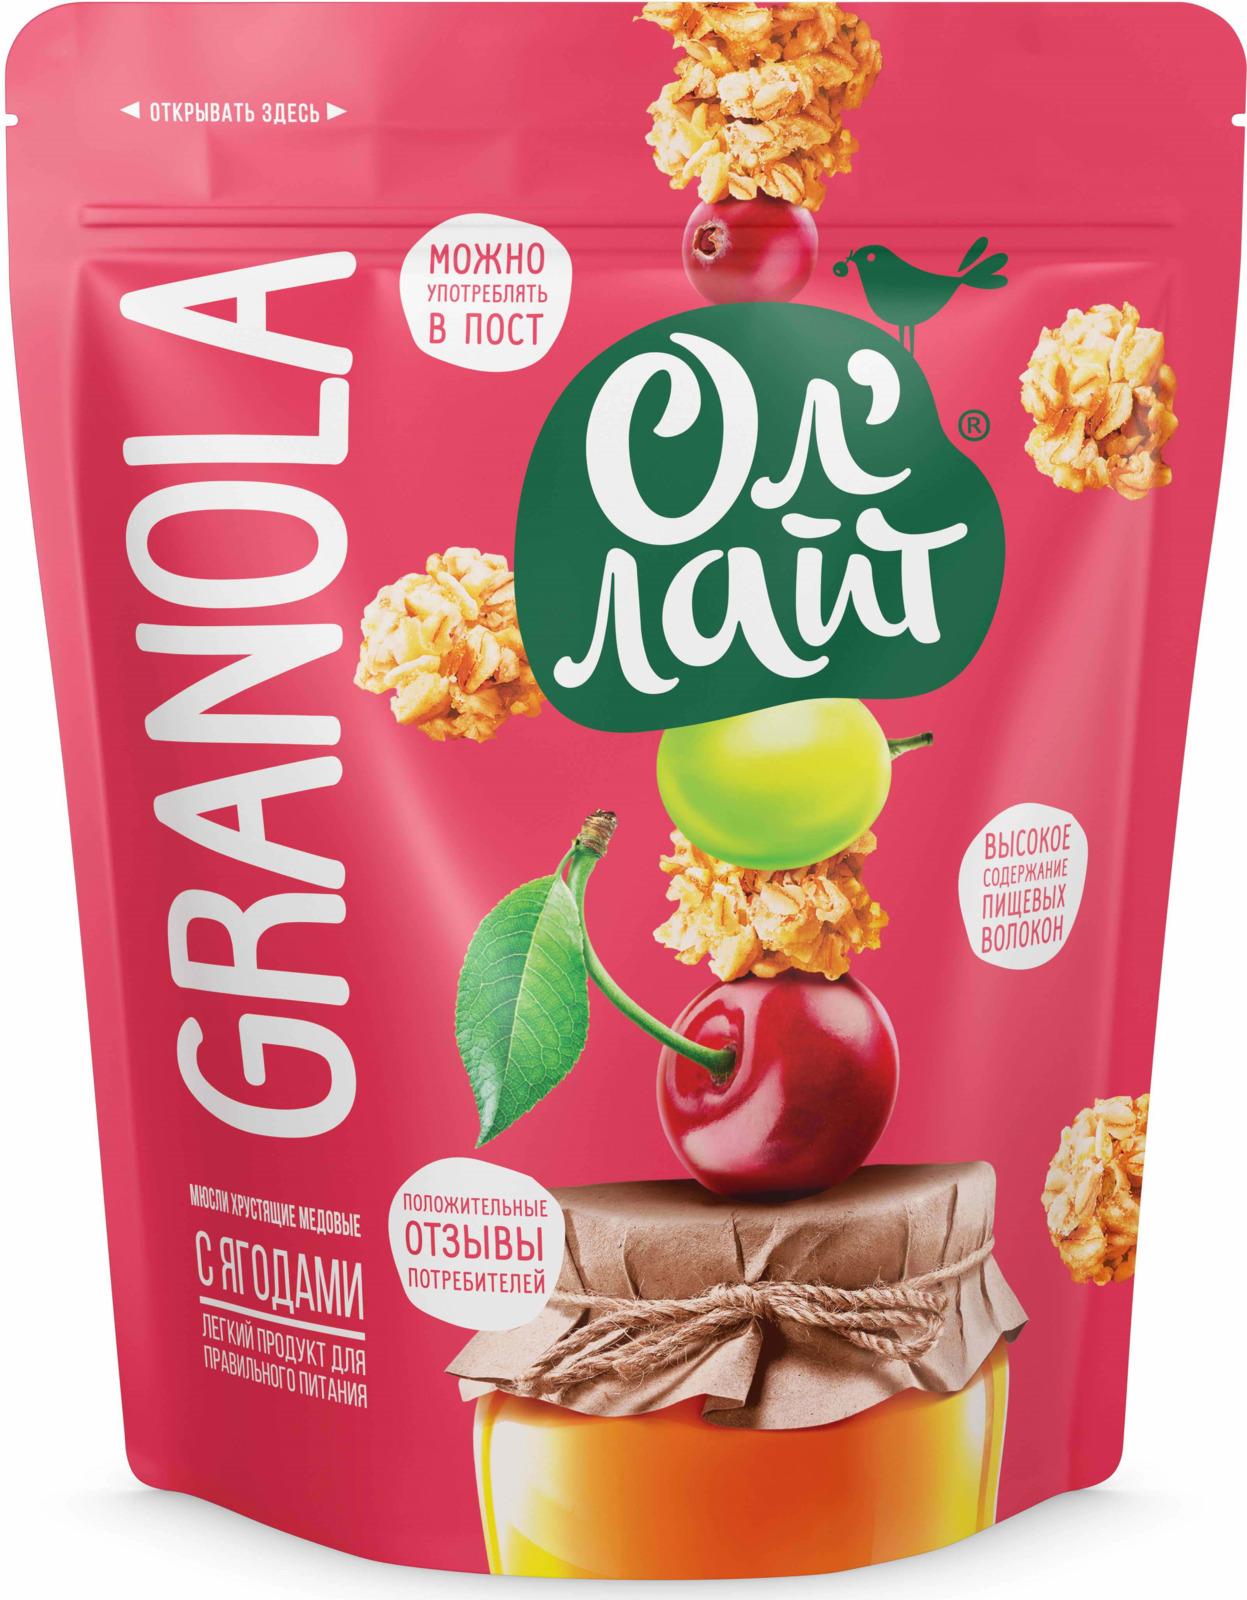 Мюсли хрустящие Ол Лайт Granola, медовые, с ягодами, 280 г bionova мюсли хрустящие запеченные яблочные 400 г